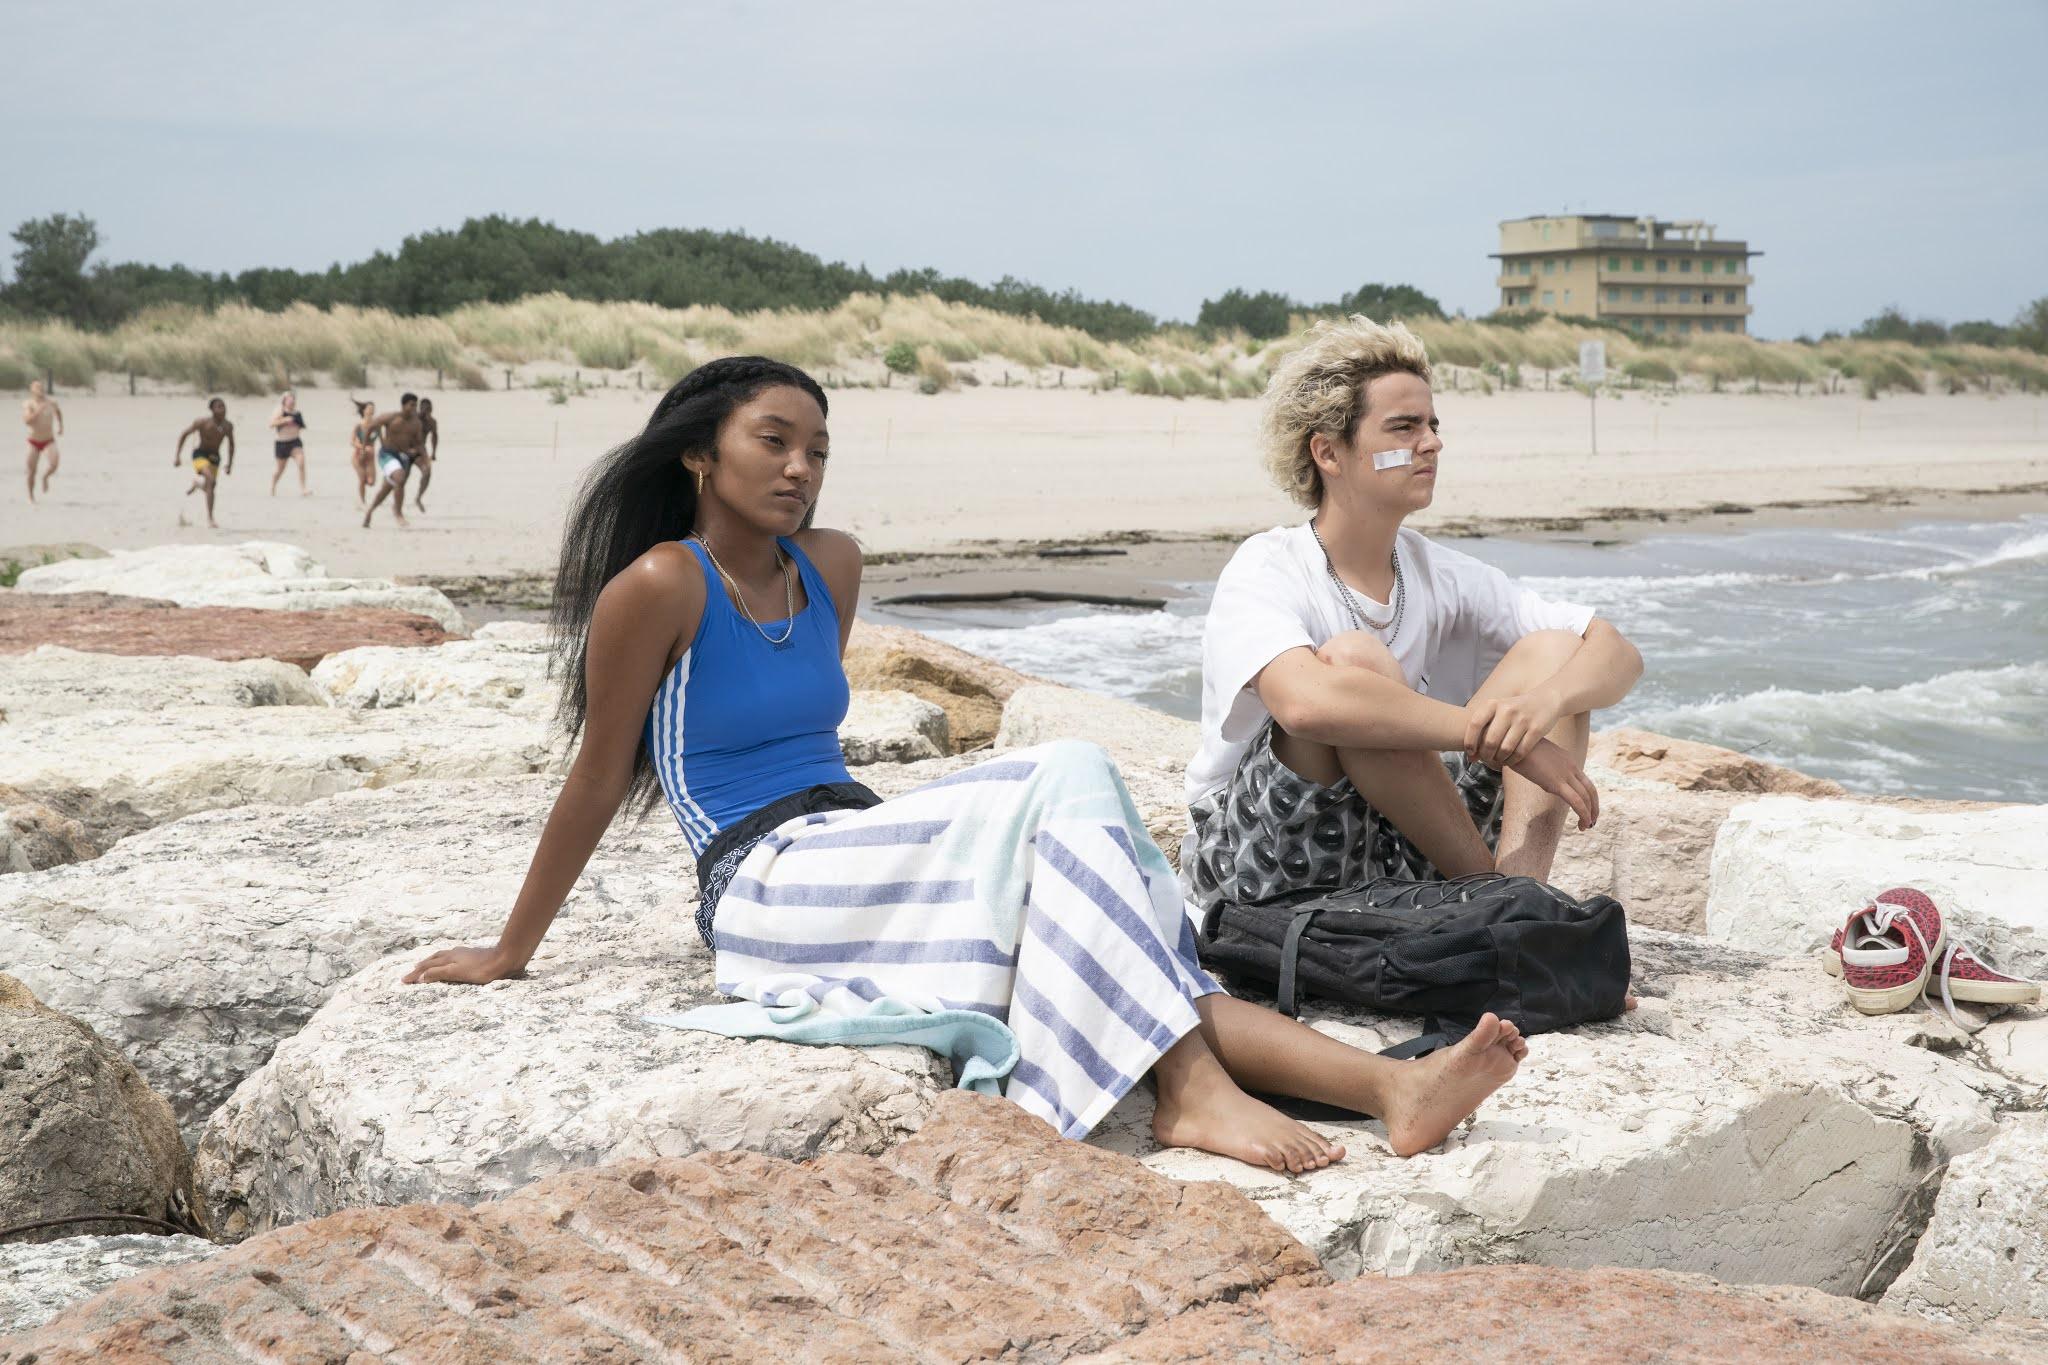 Jack Dylan Grazer y Jordan Kristine Seamon en una escena de 'We are who we are' la nueva serie de HBO